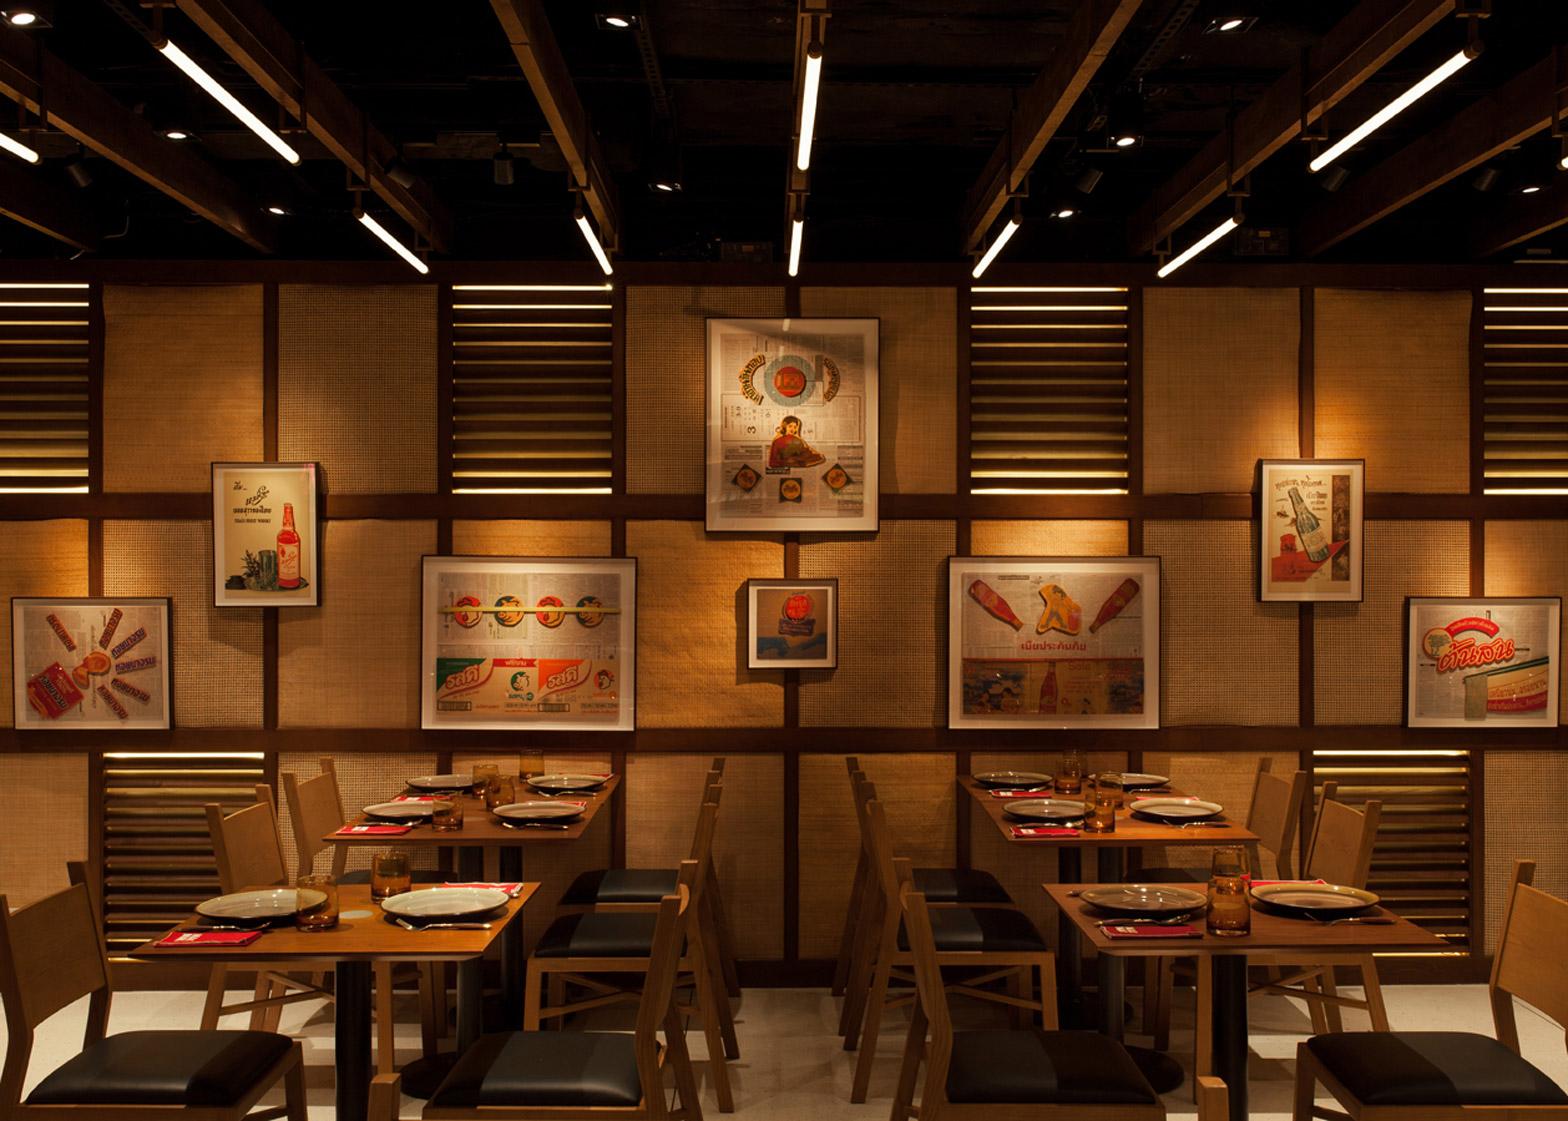 mak-mak-thai-restaurant-nc-design-architecture_dezeen_1568_5